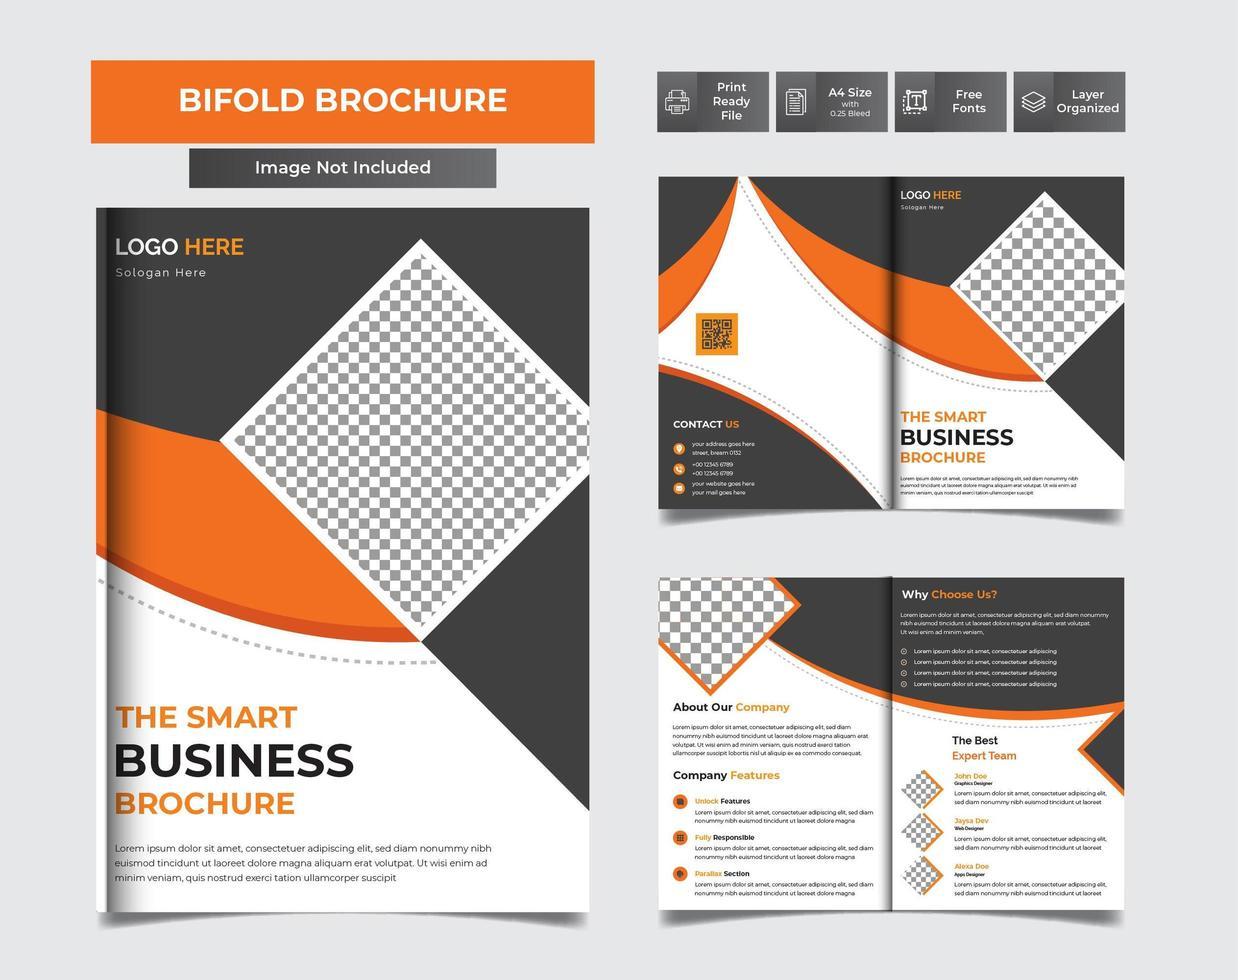 conception de modèle de vecteur de brochure pliante d'affaires moderne en a4 conception de page de couverture de magazine brochure facile à modifier